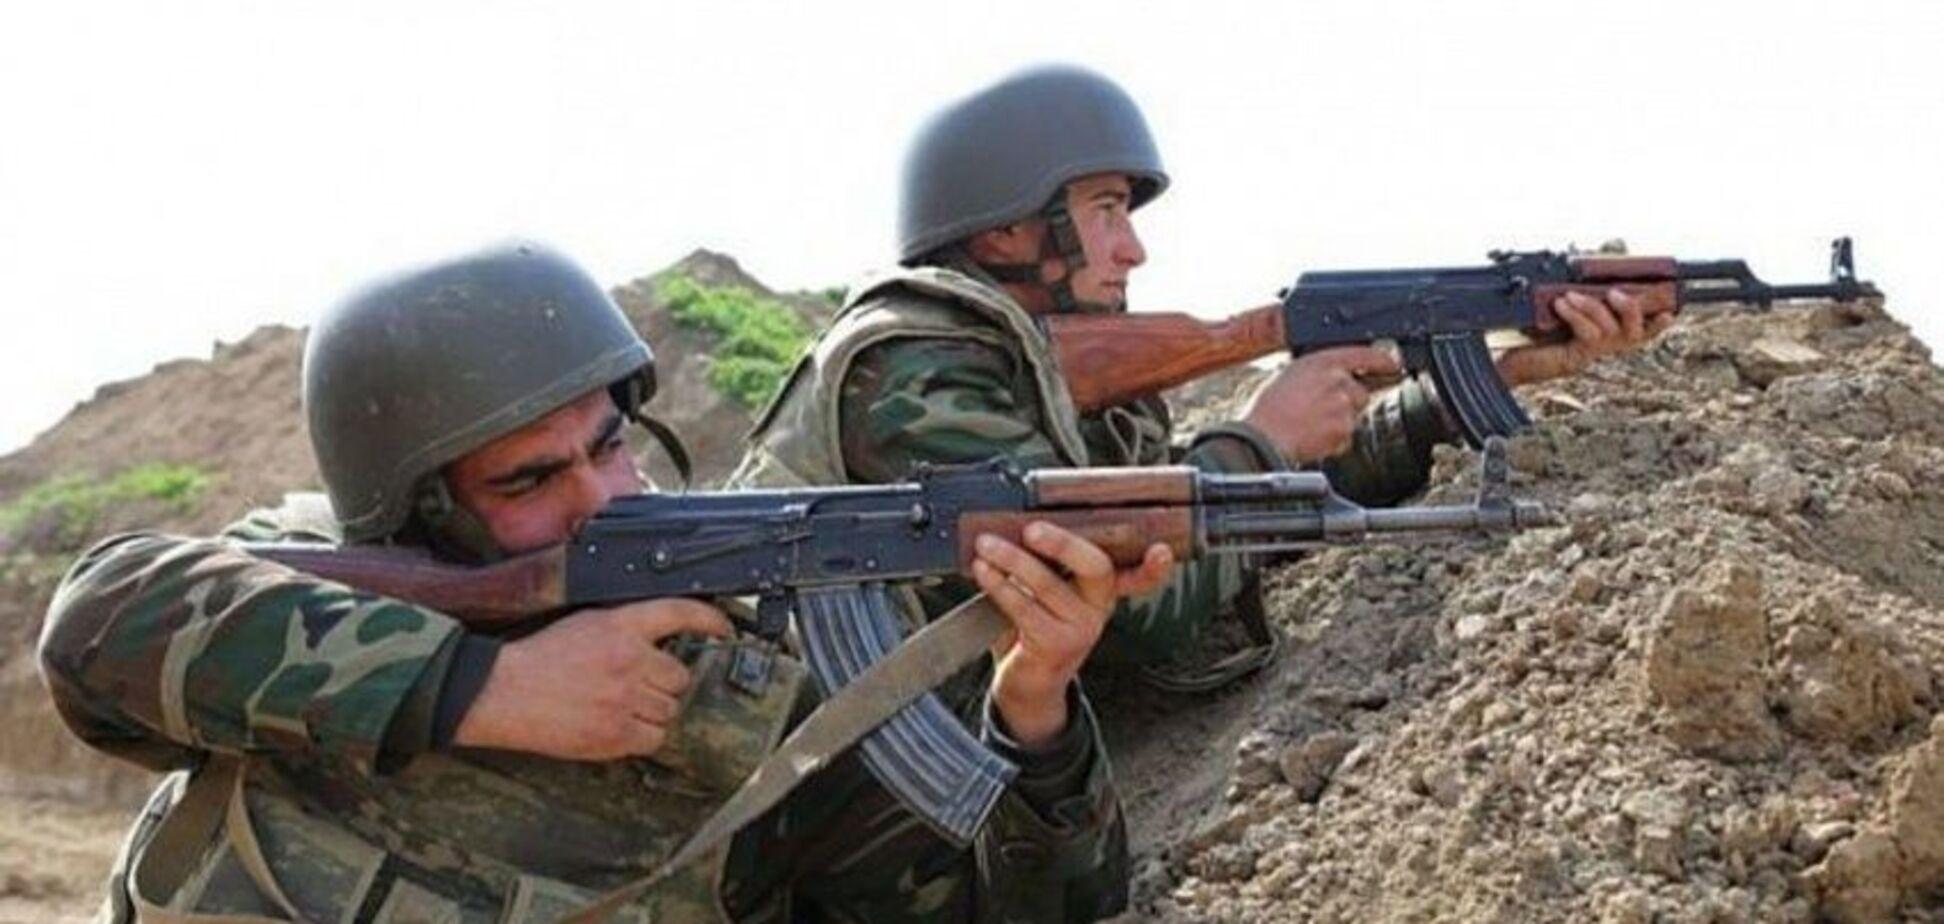 Вірменія та Азербайджан повідомляють про стрілянину на кордоні